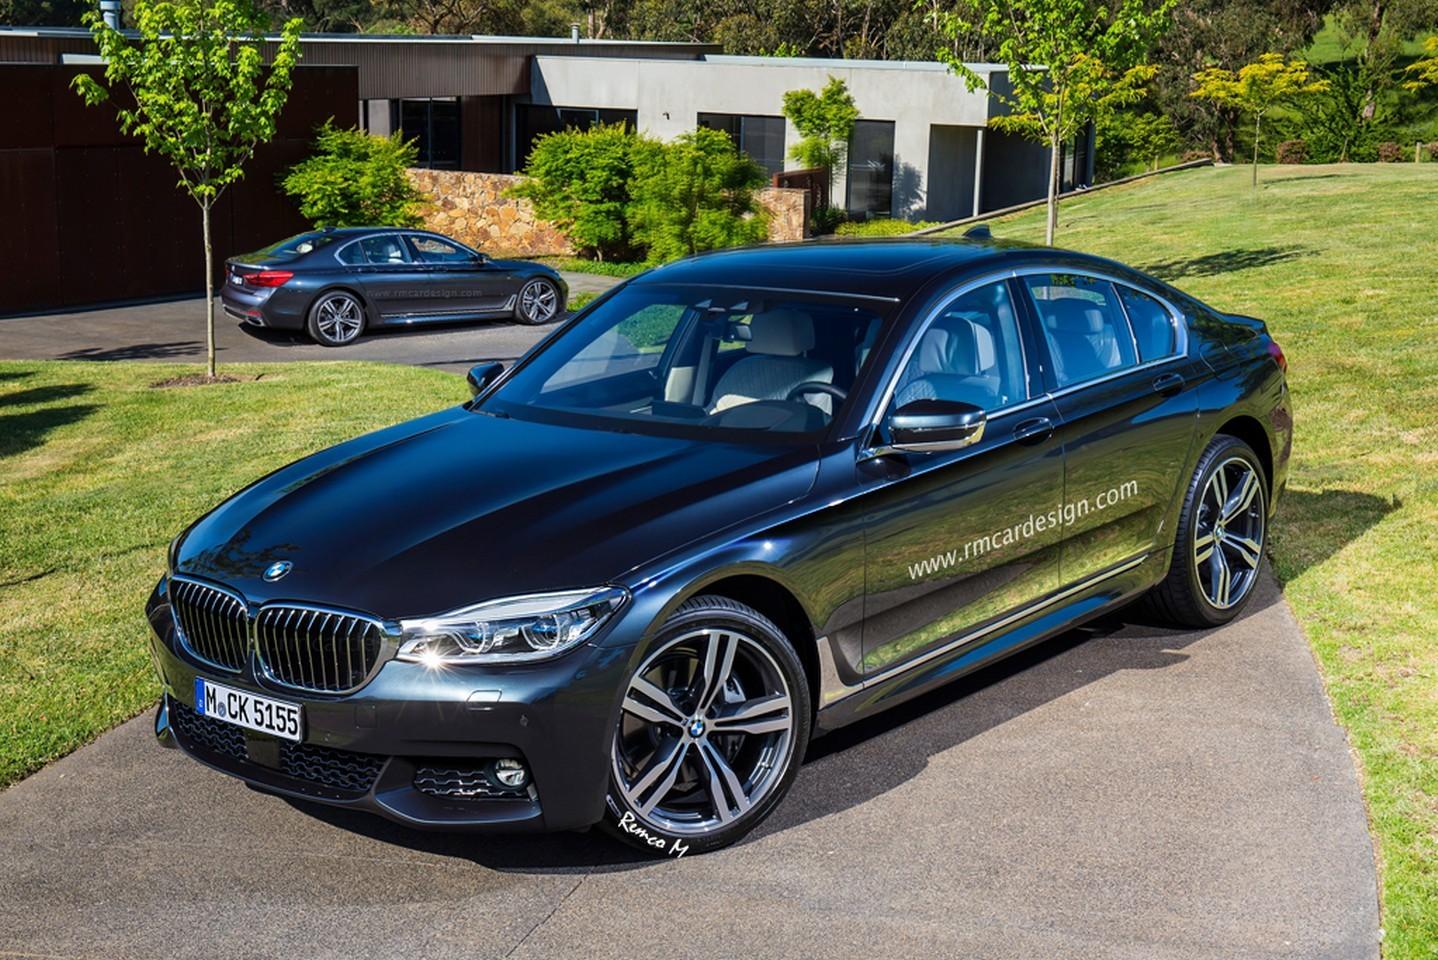 2016 BMW 5 Series Sedan Rendered Online | BMWCoop